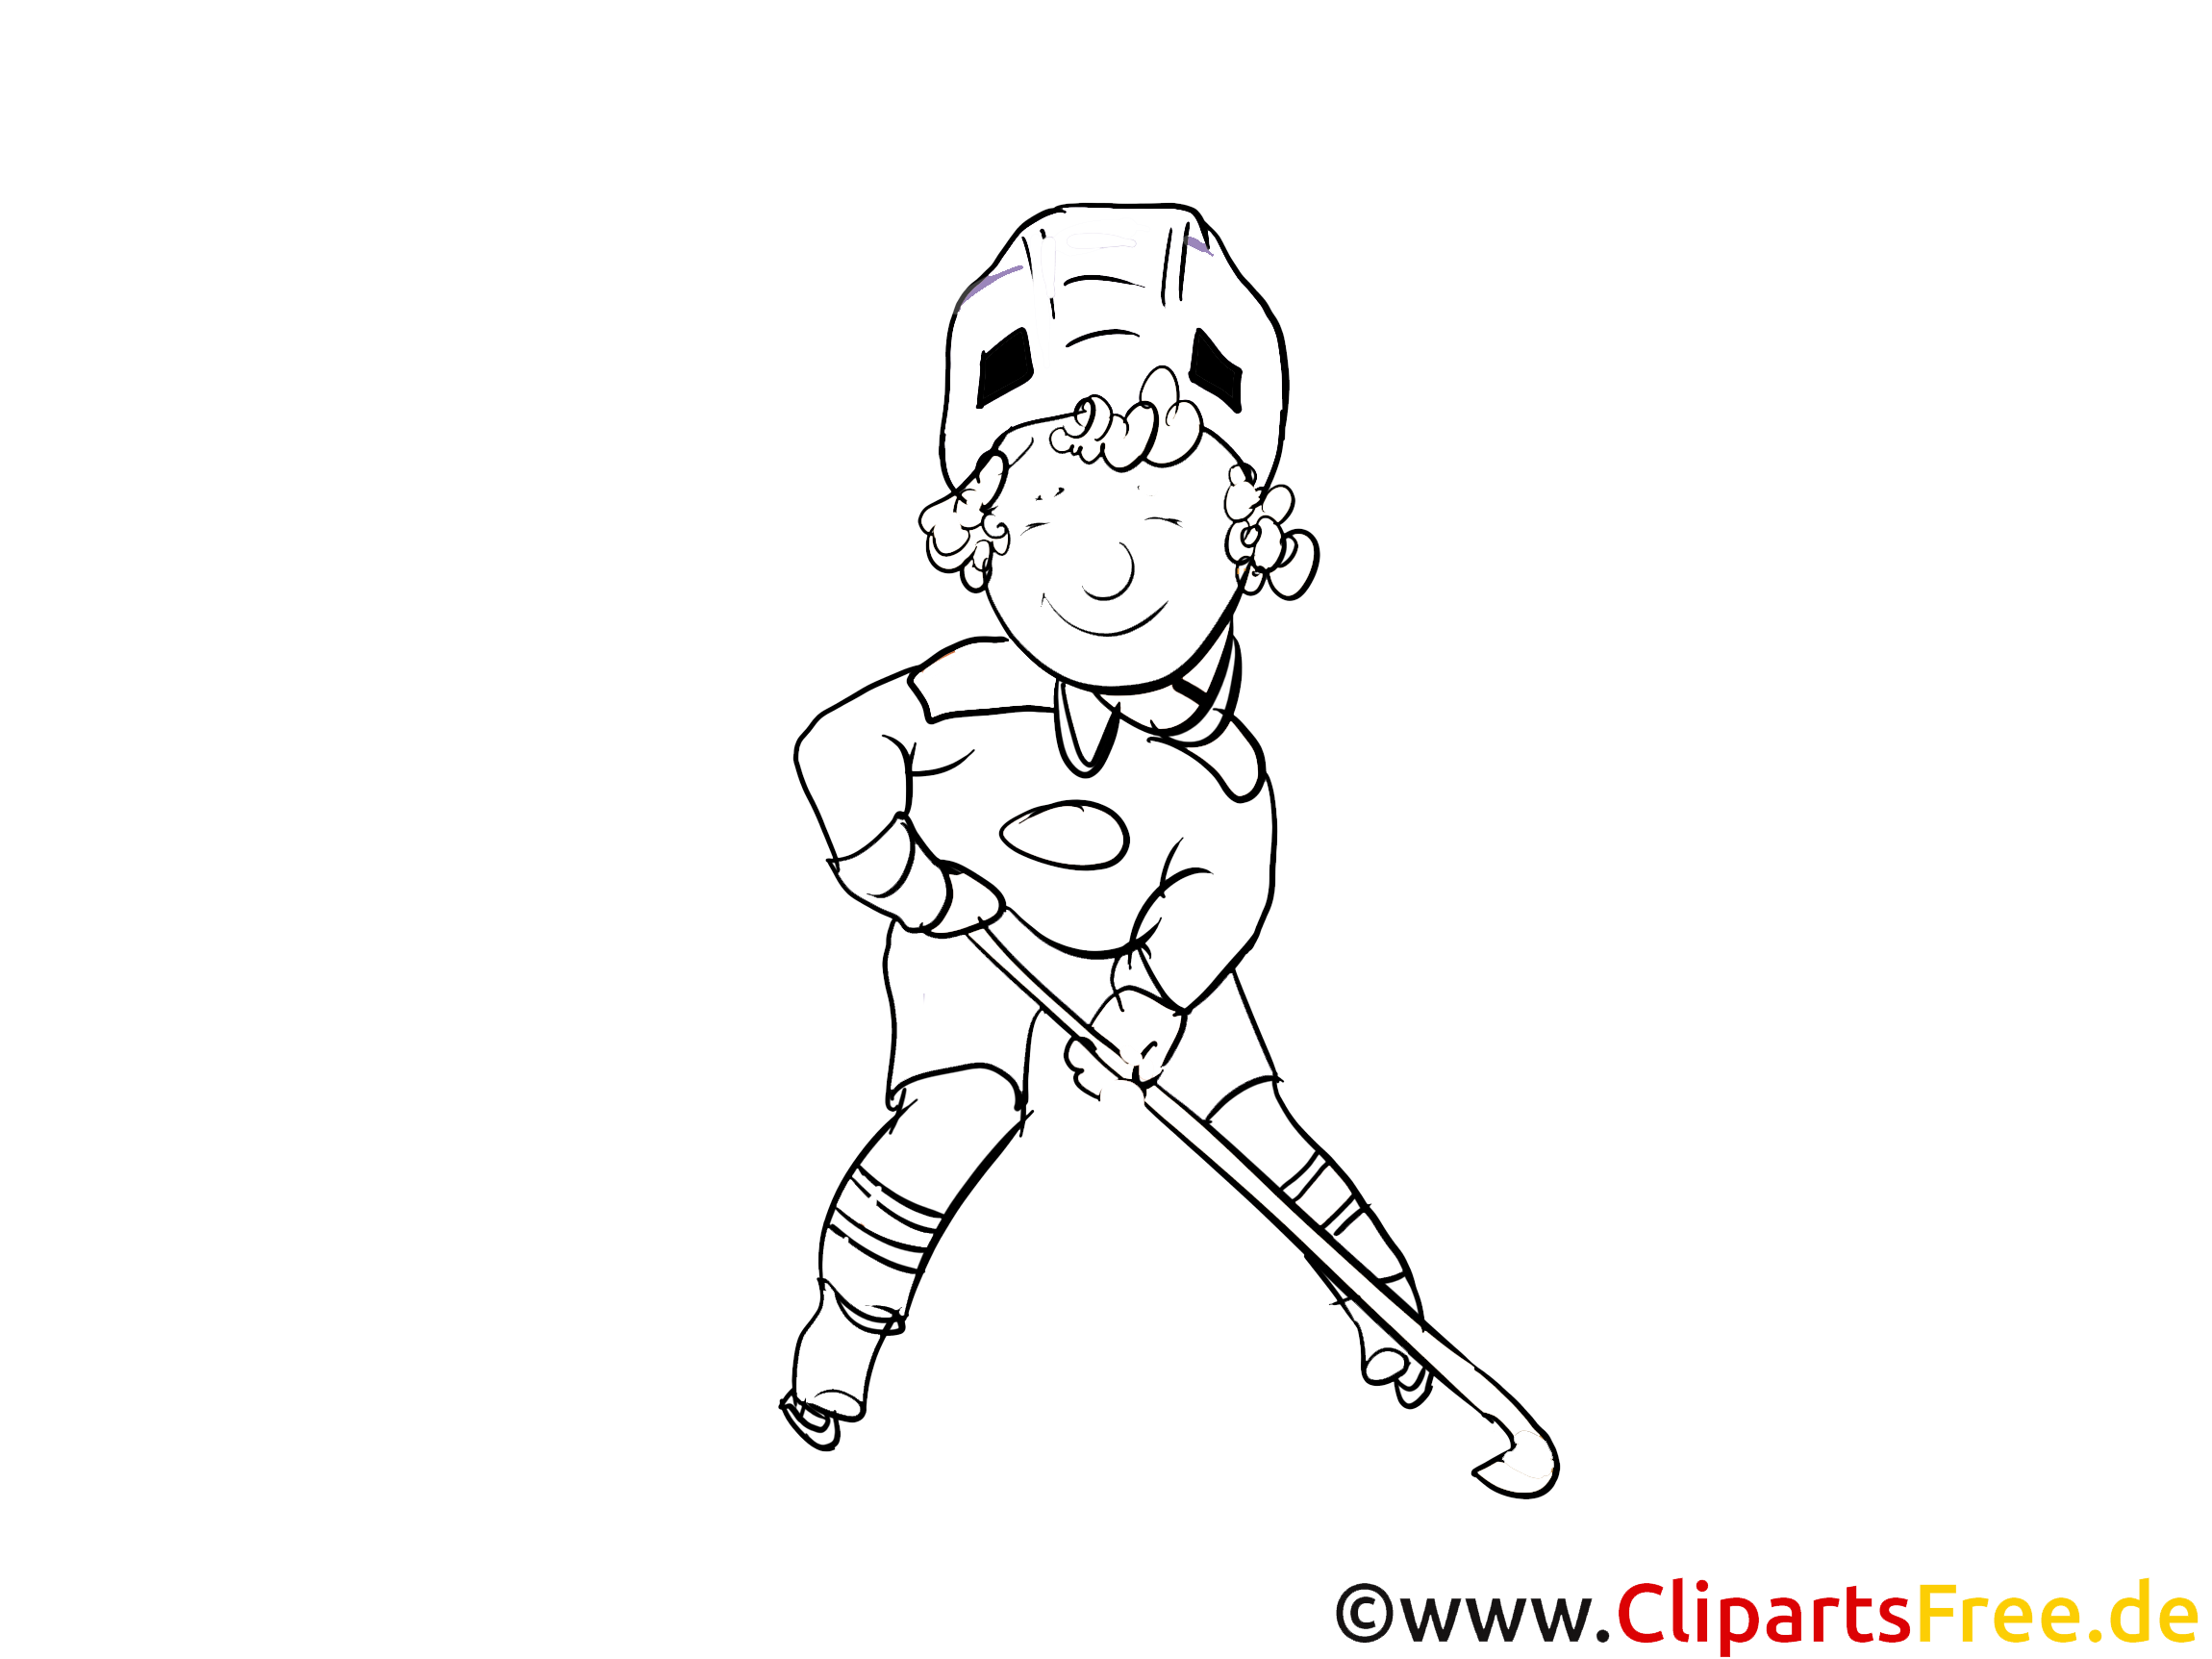 Zeichenvorlagen Sport, WInter, Eishockey kostenlos